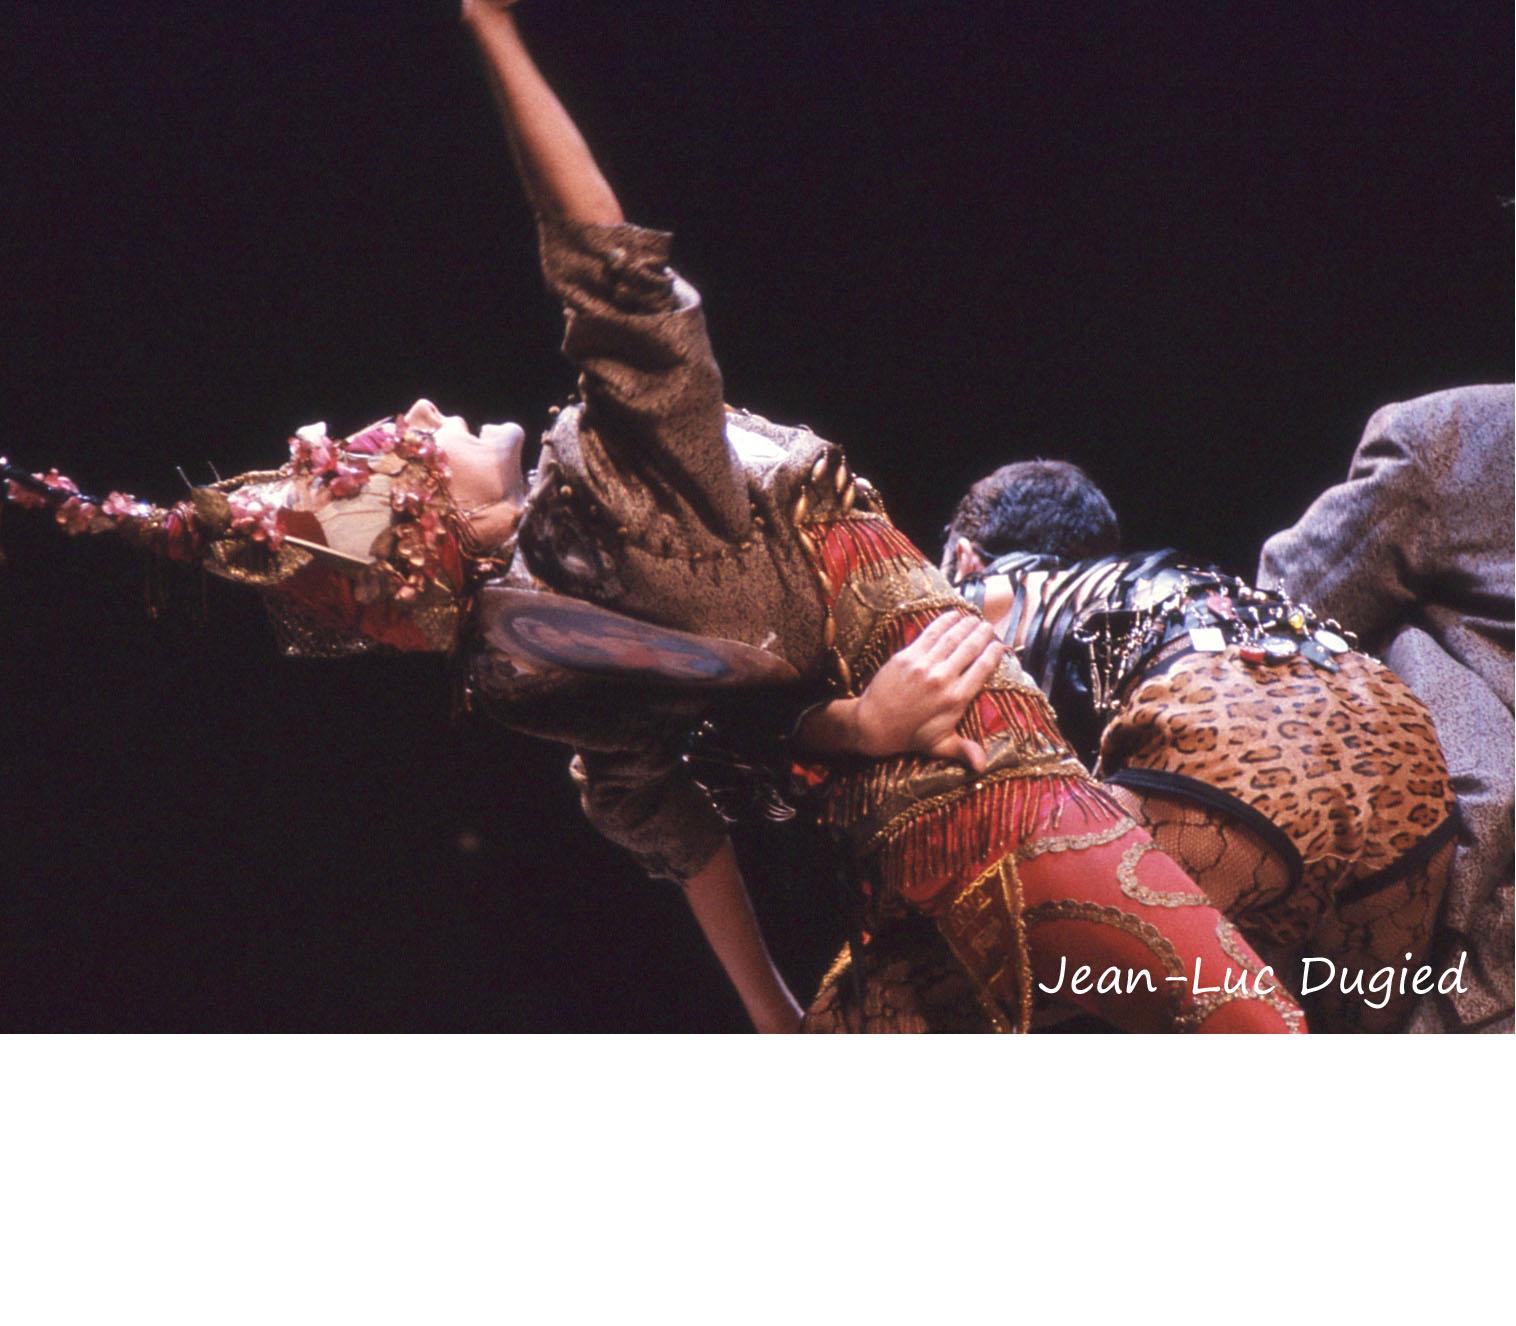 17 Chopinot Régine - le défilé de Jean-Paul Gaultier - 1985